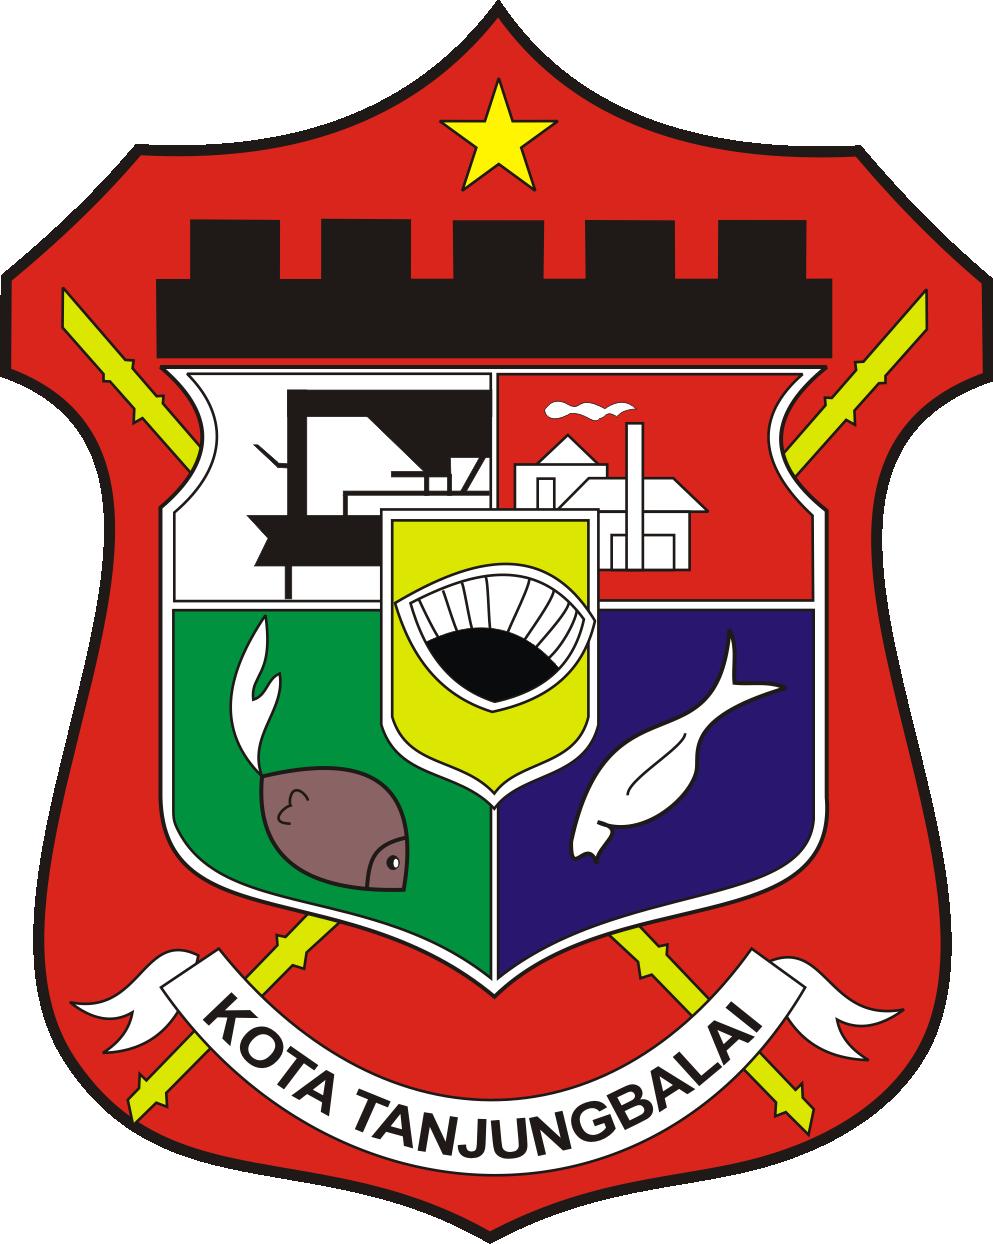 2 Kota Tanjung Balai Kota Indonesia Kepulauan